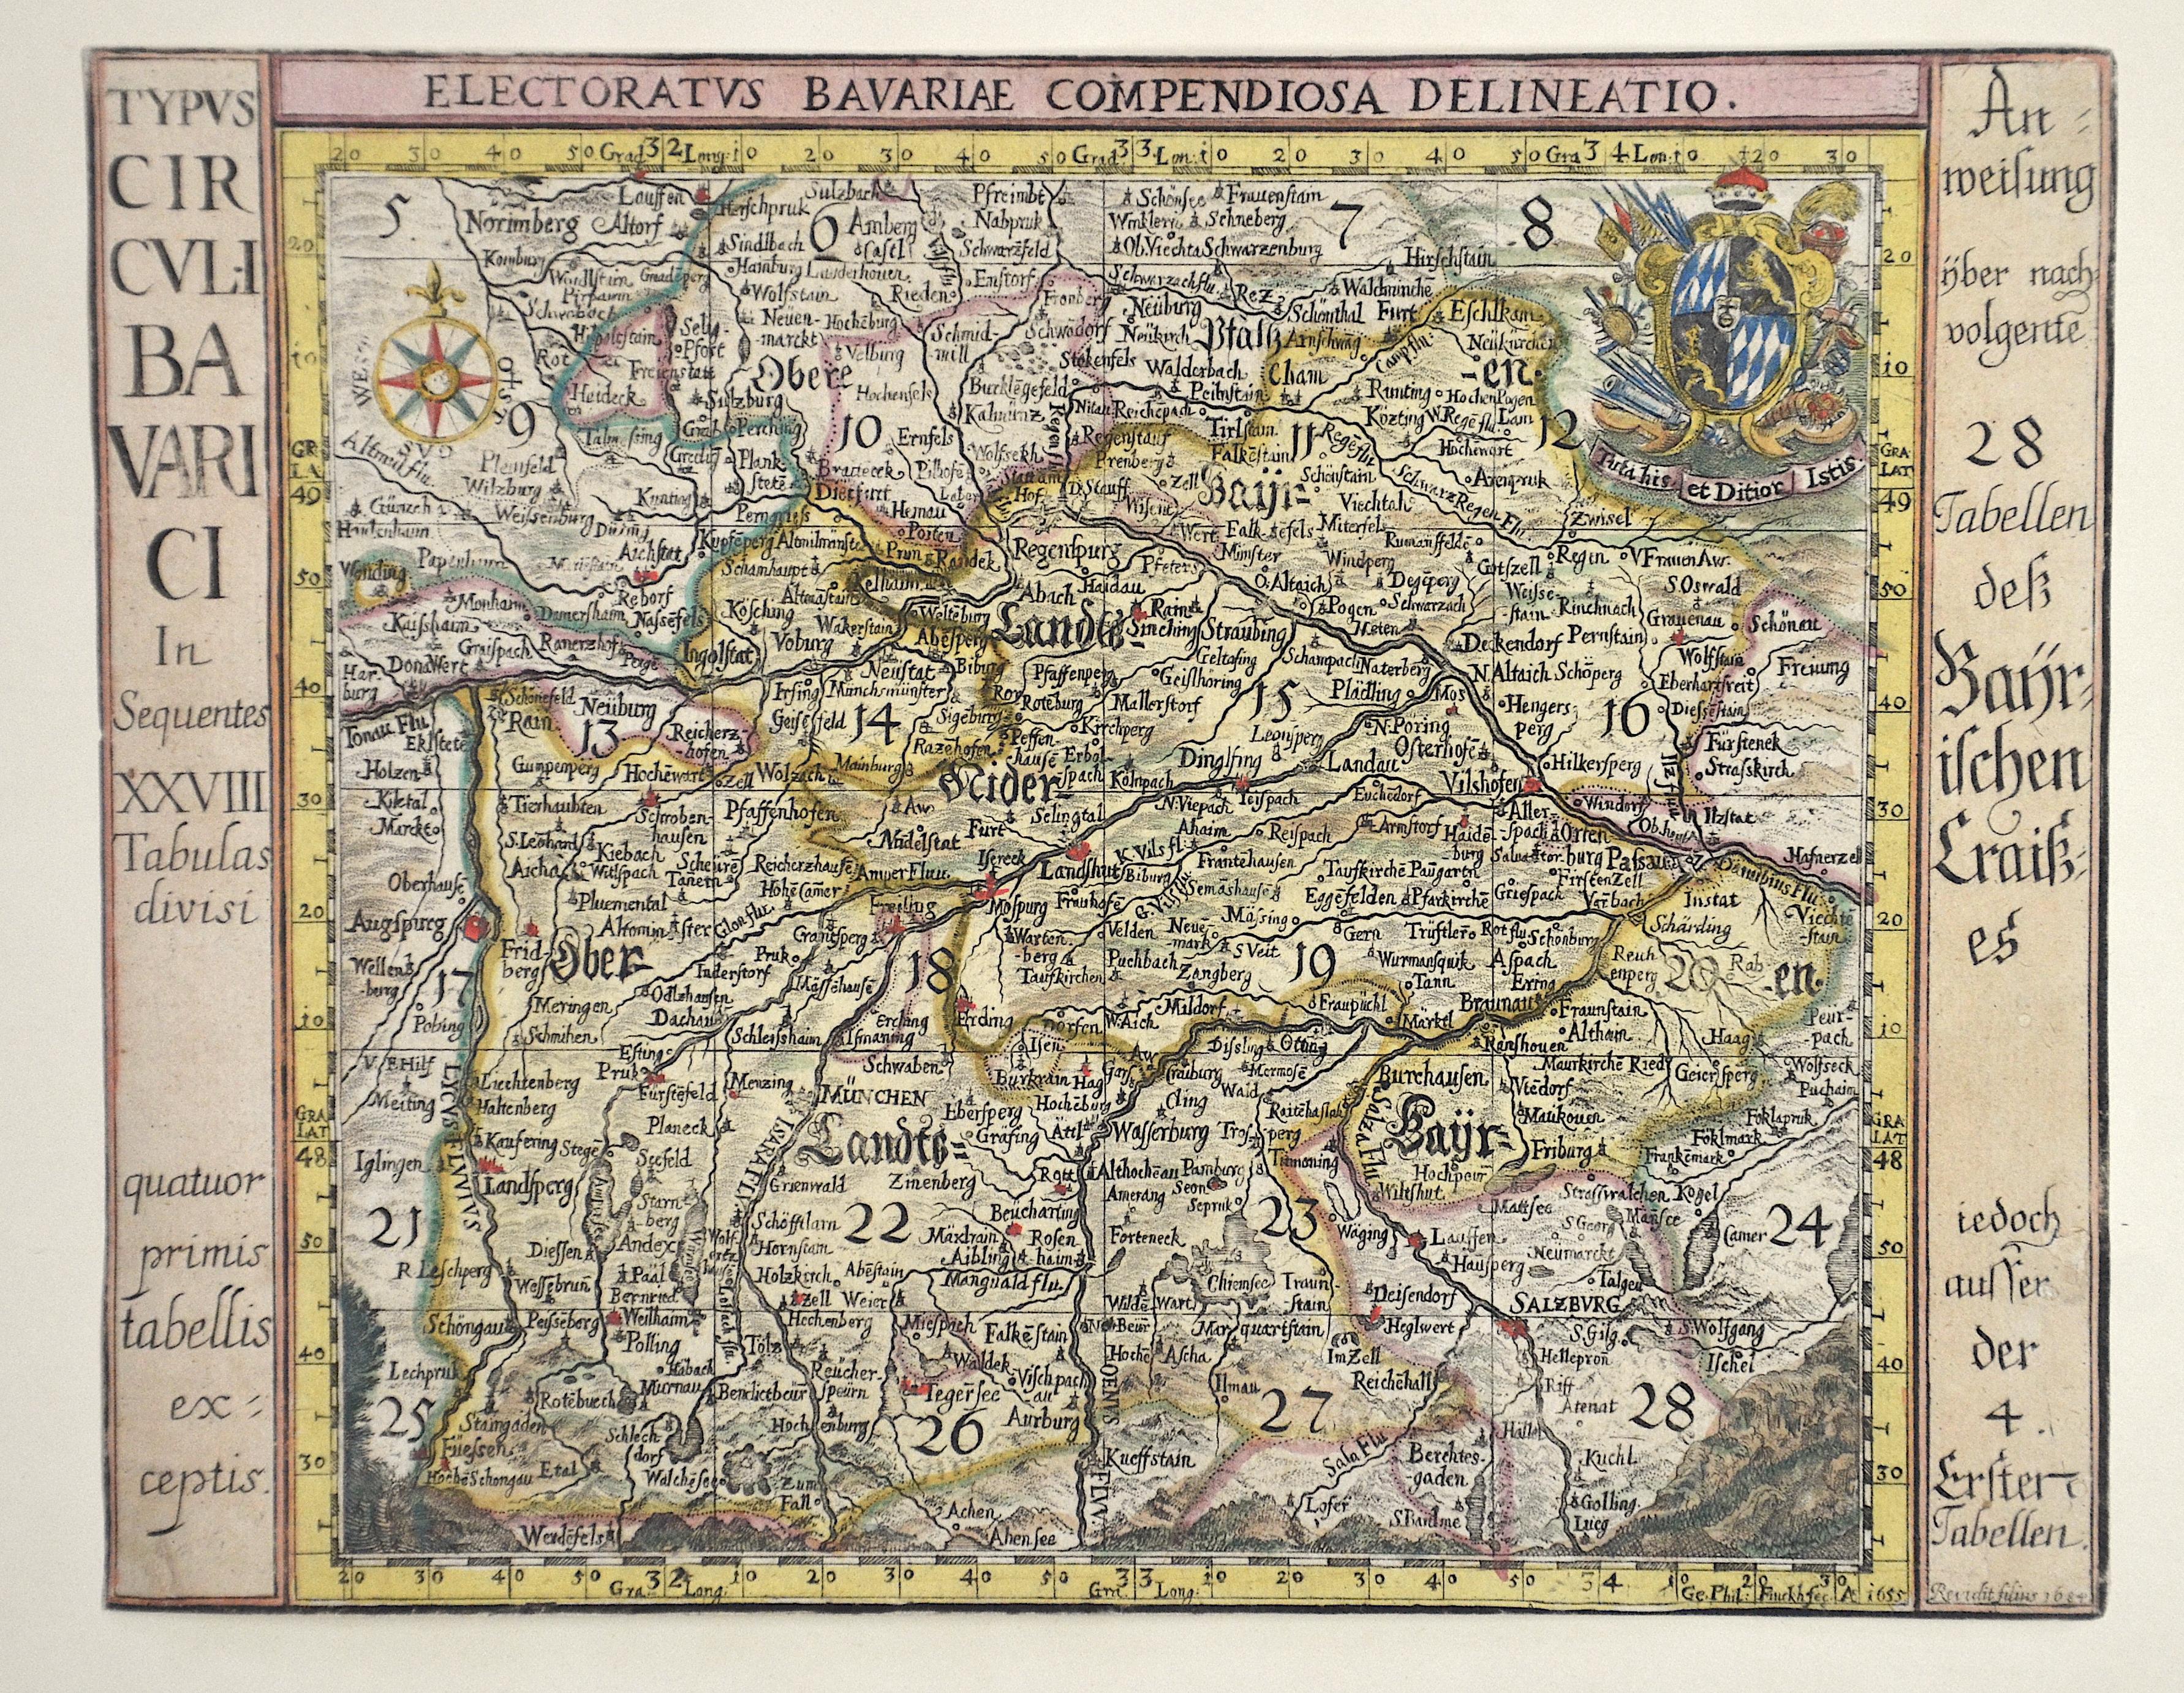 Finckh Georg Philipp Typus Circuli Bavarici in Sequentes XXVIIITabulas divisi